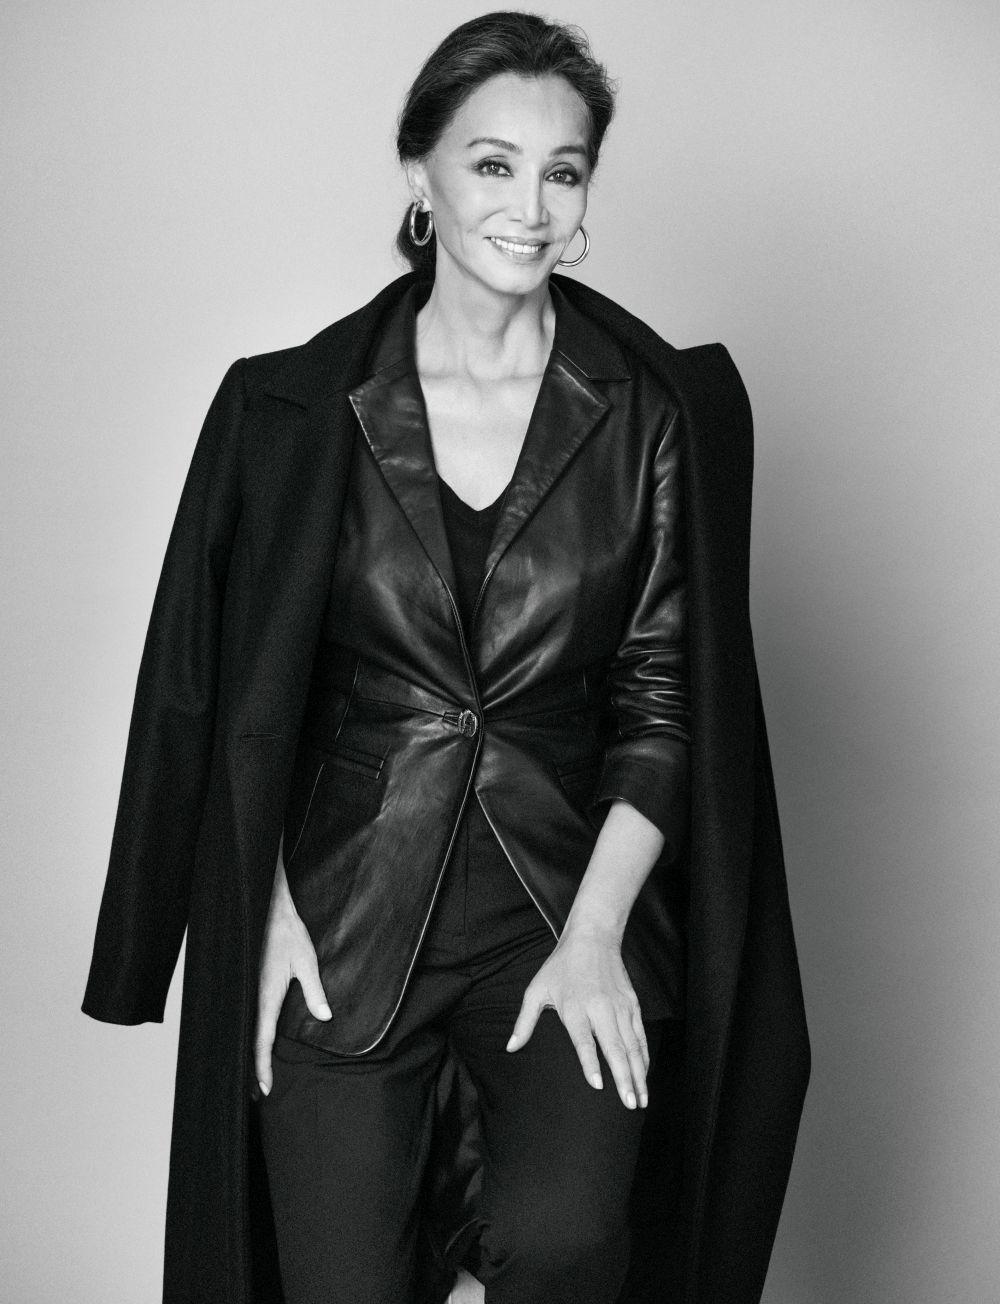 Isabel Preysler lleva total look en negro de Pedro del Hierro.